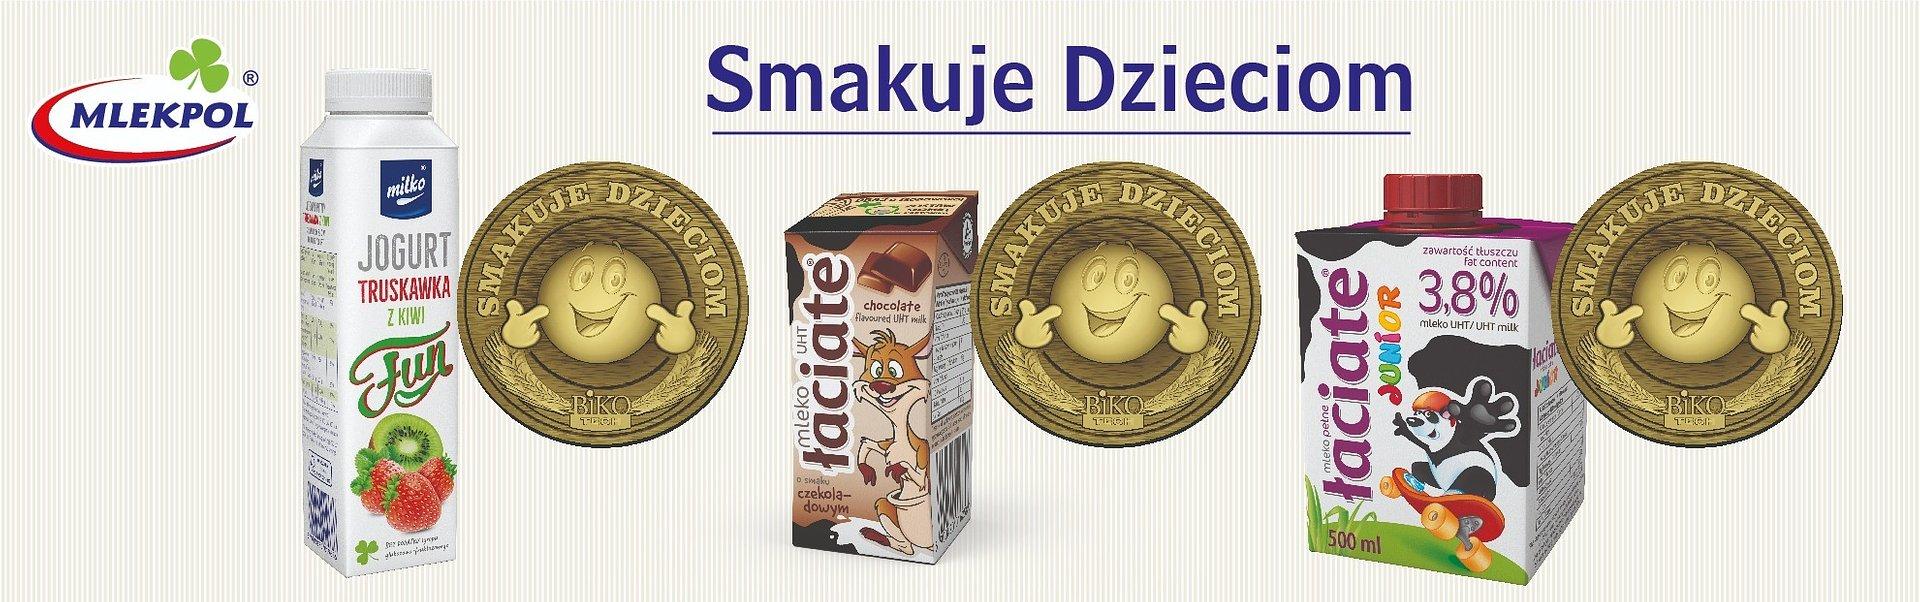 Najmłodsi pokochali smaki Mlekpolu, który zdobywa trzy złote medale w konkursie Smakuje Dzieciom 2020